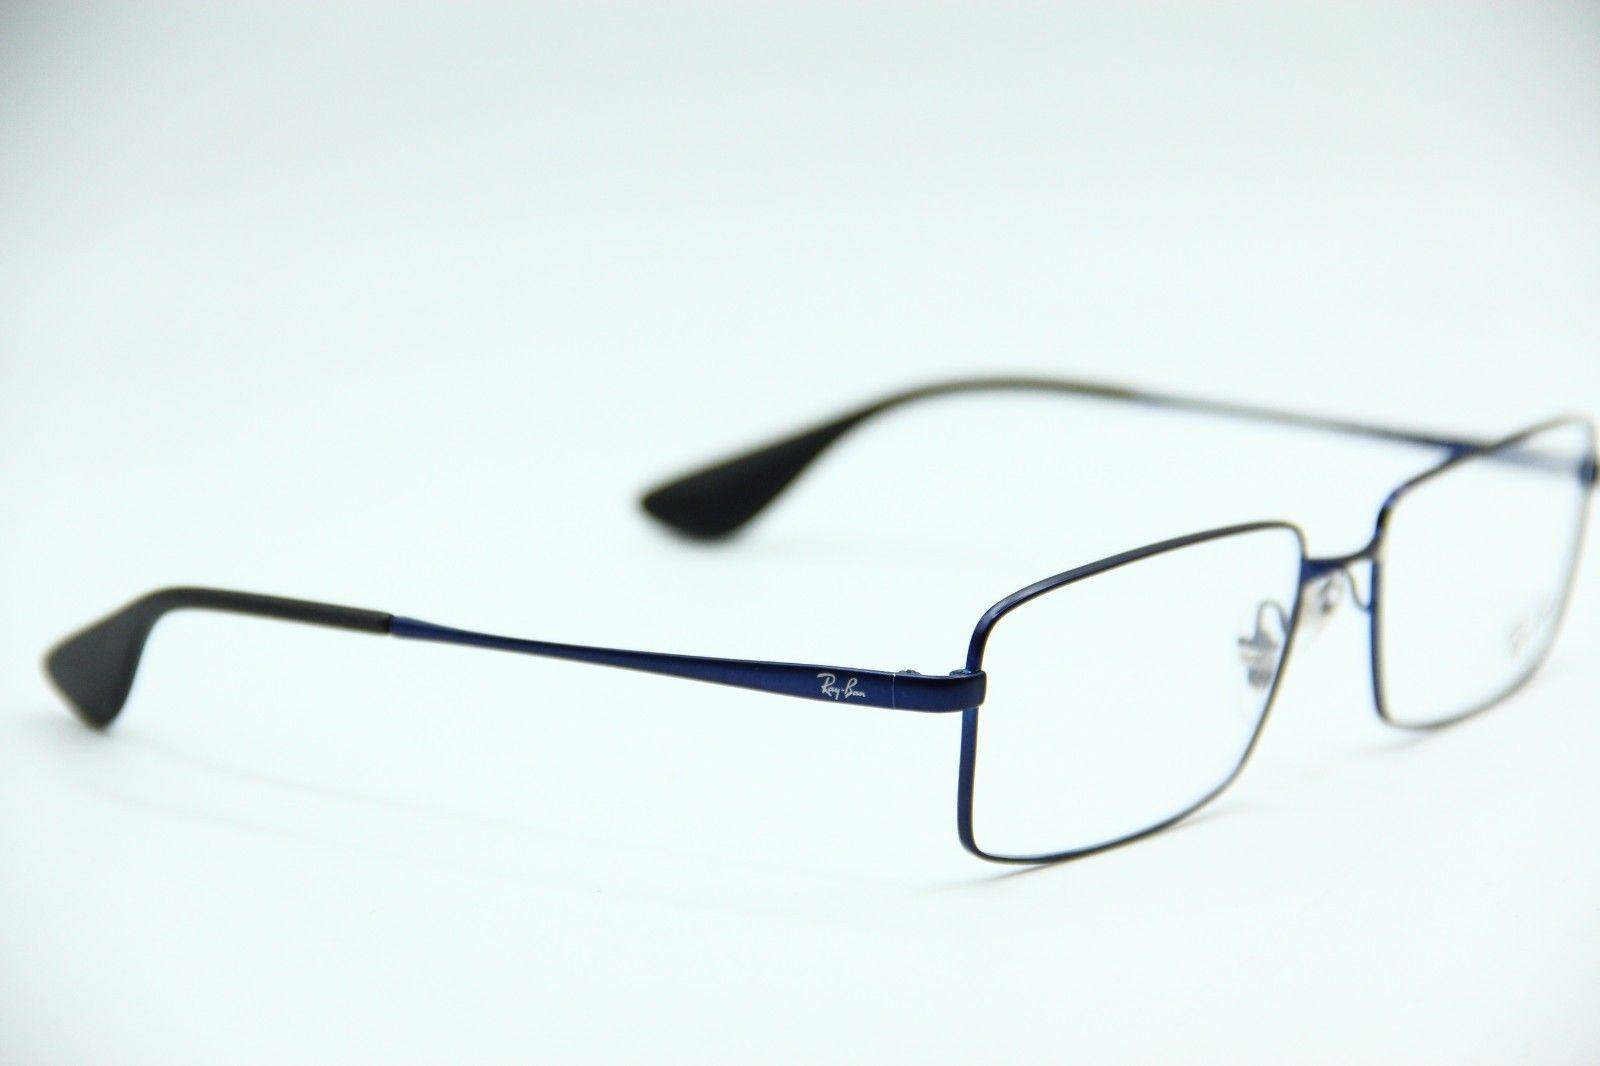 1f77b5171b5 NEW RAY-BAN RB 6337M 2510 METAL BLUE EYEGLASSES AUTHENTIC FRAME RX RB6337M  55-